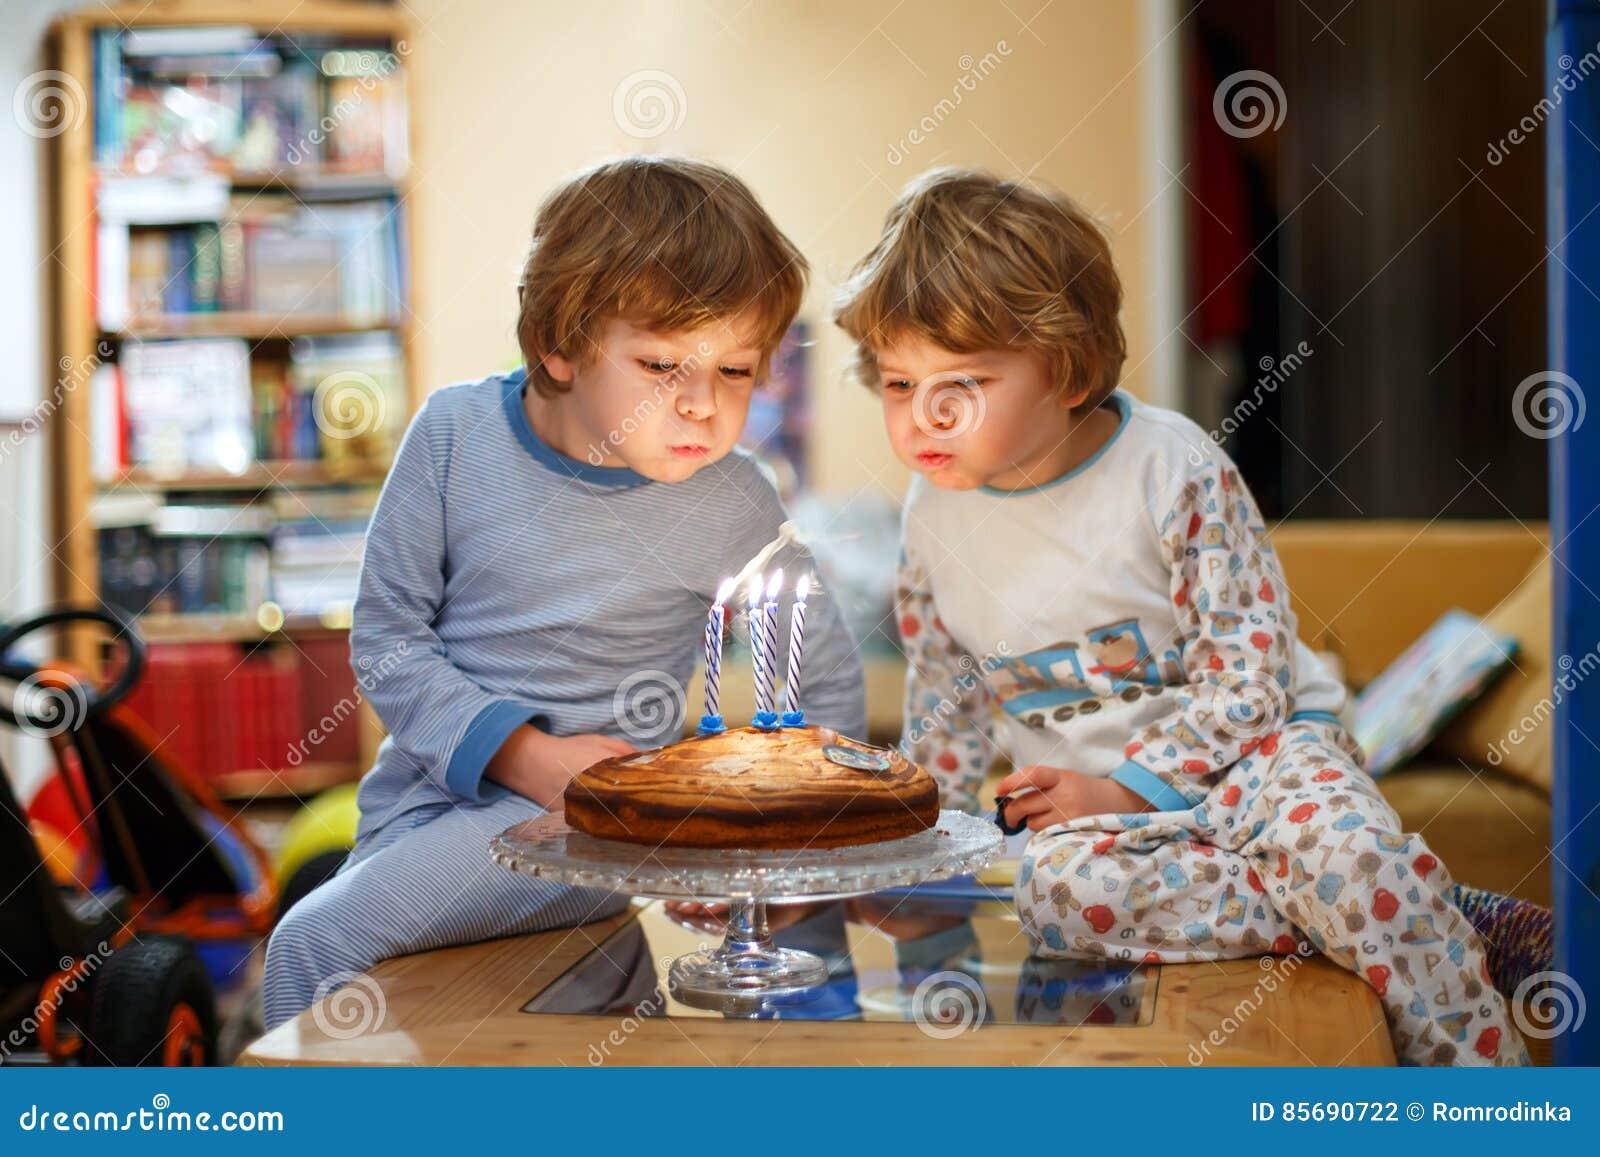 Мальчики маленького ребенка дублируют праздновать день рождения и дуть свечи на торте